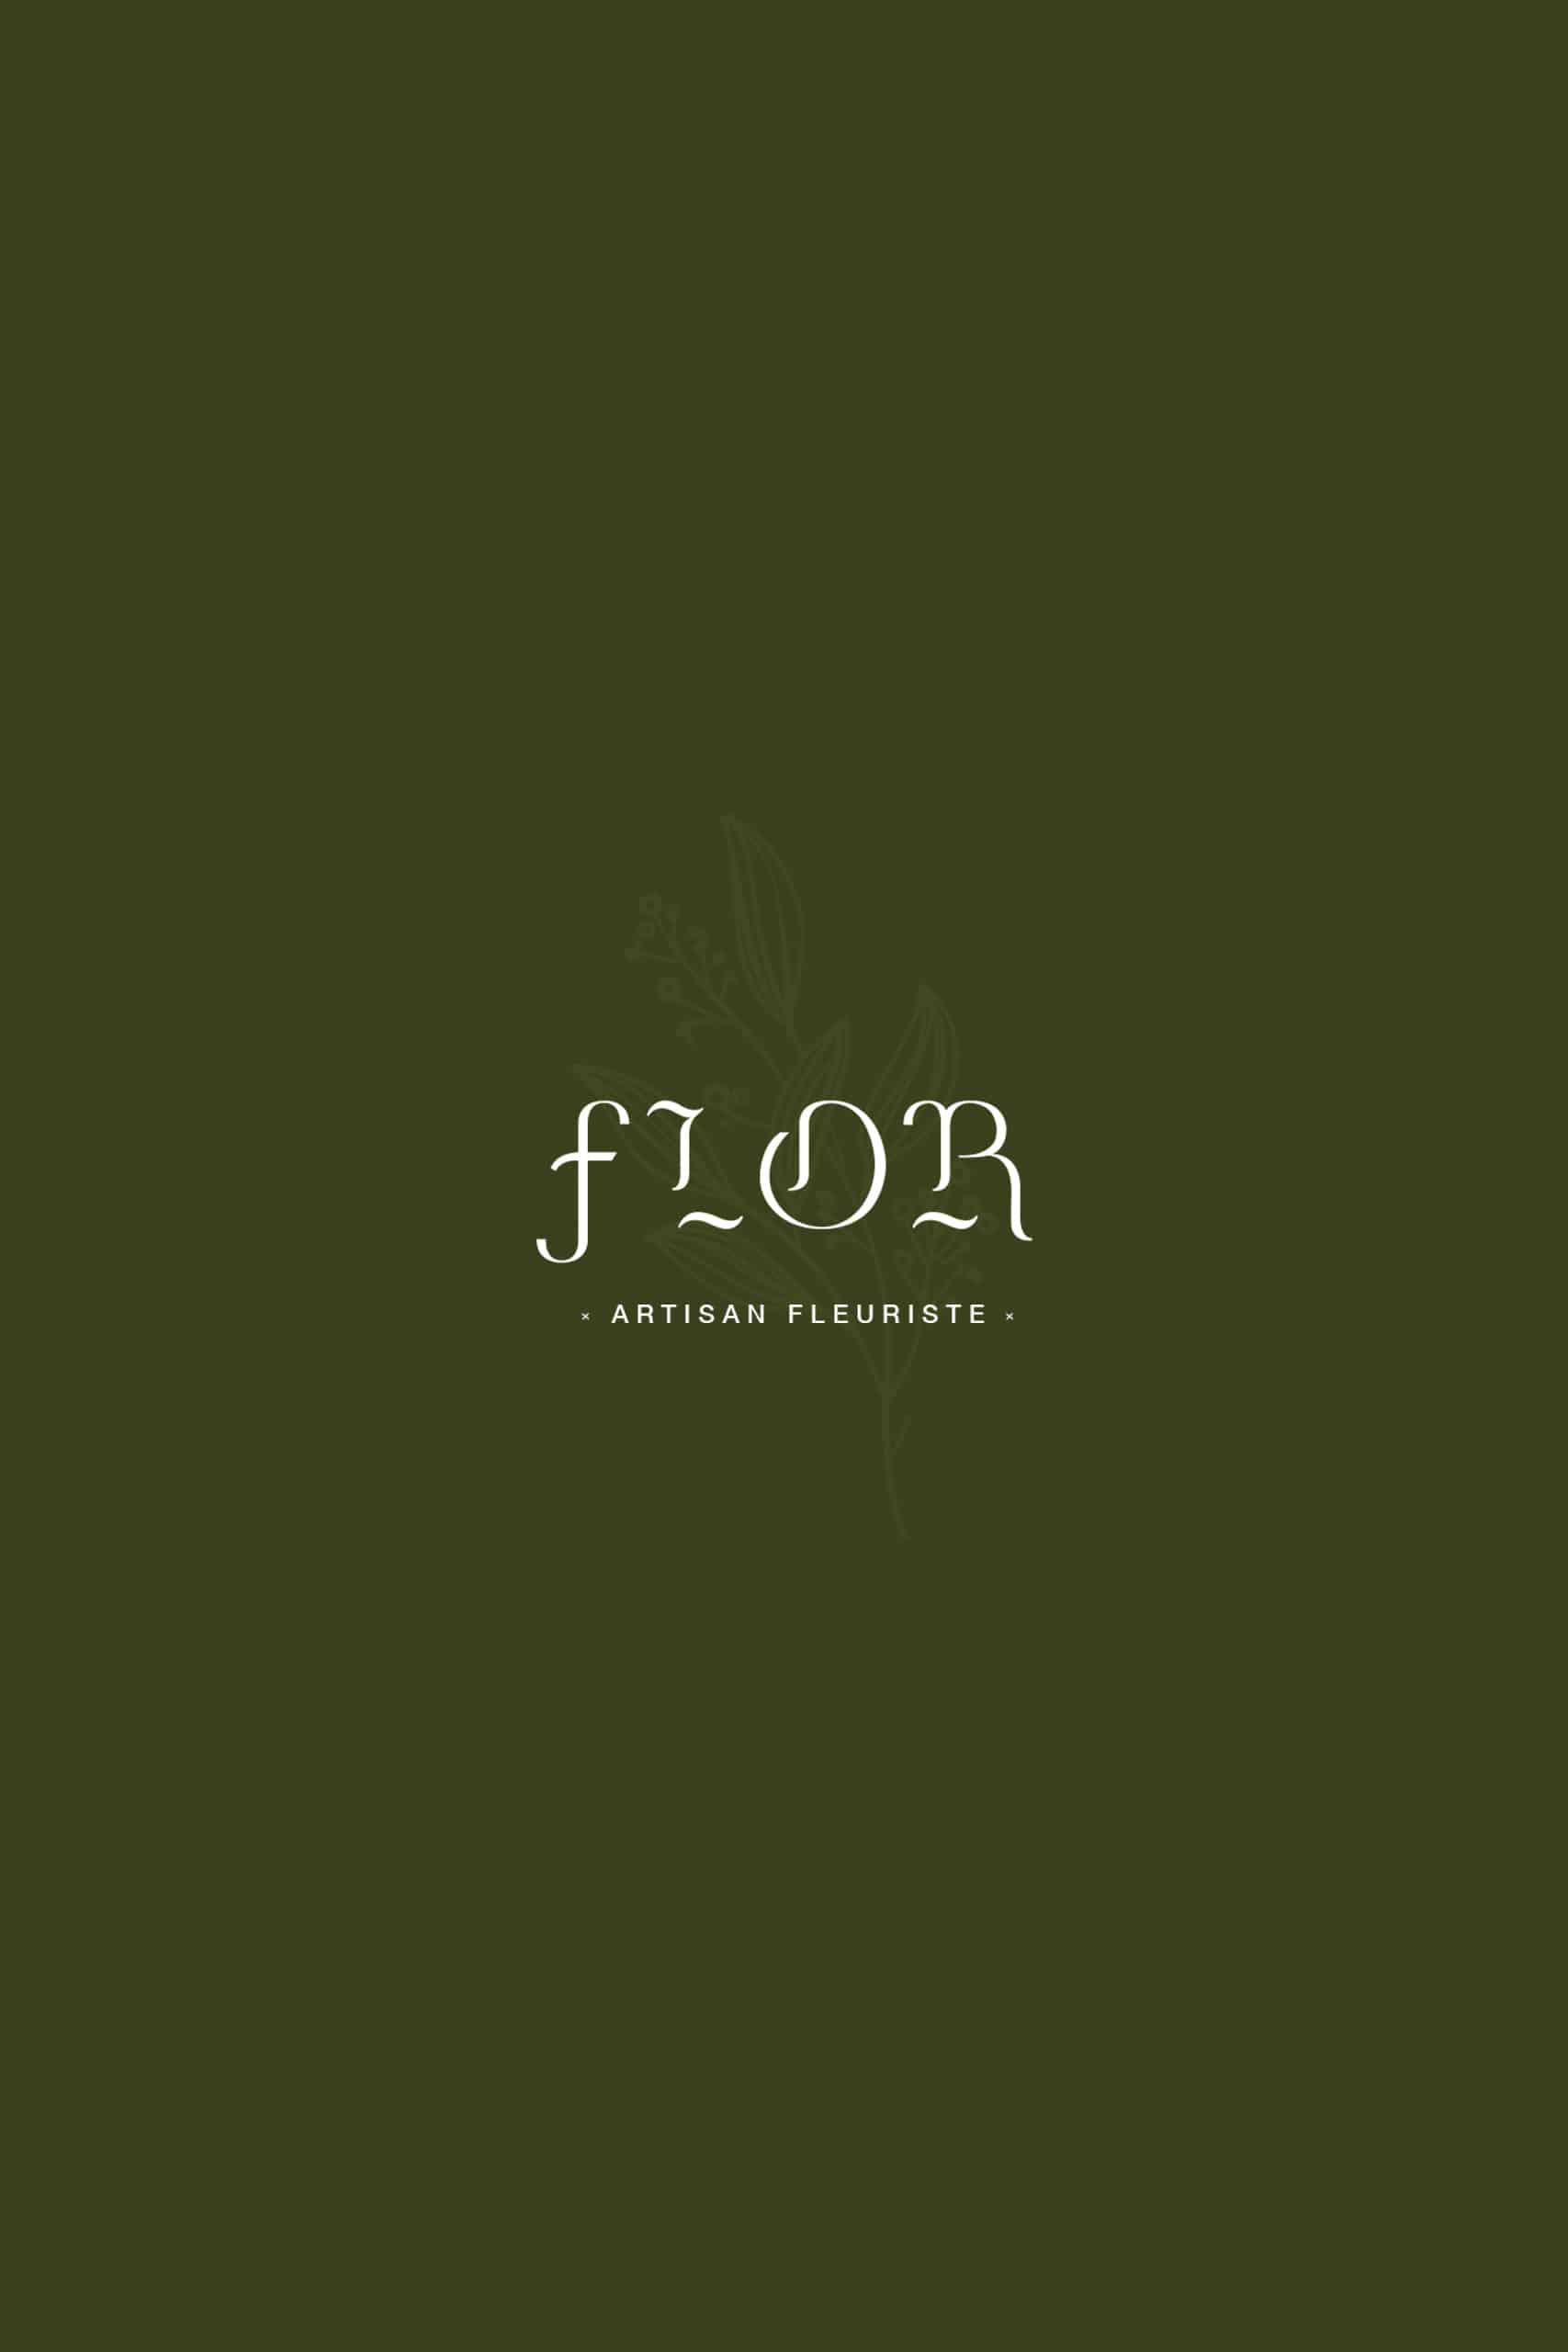 Zoom sur la carte de visite verte foncé du fleuriste Flor